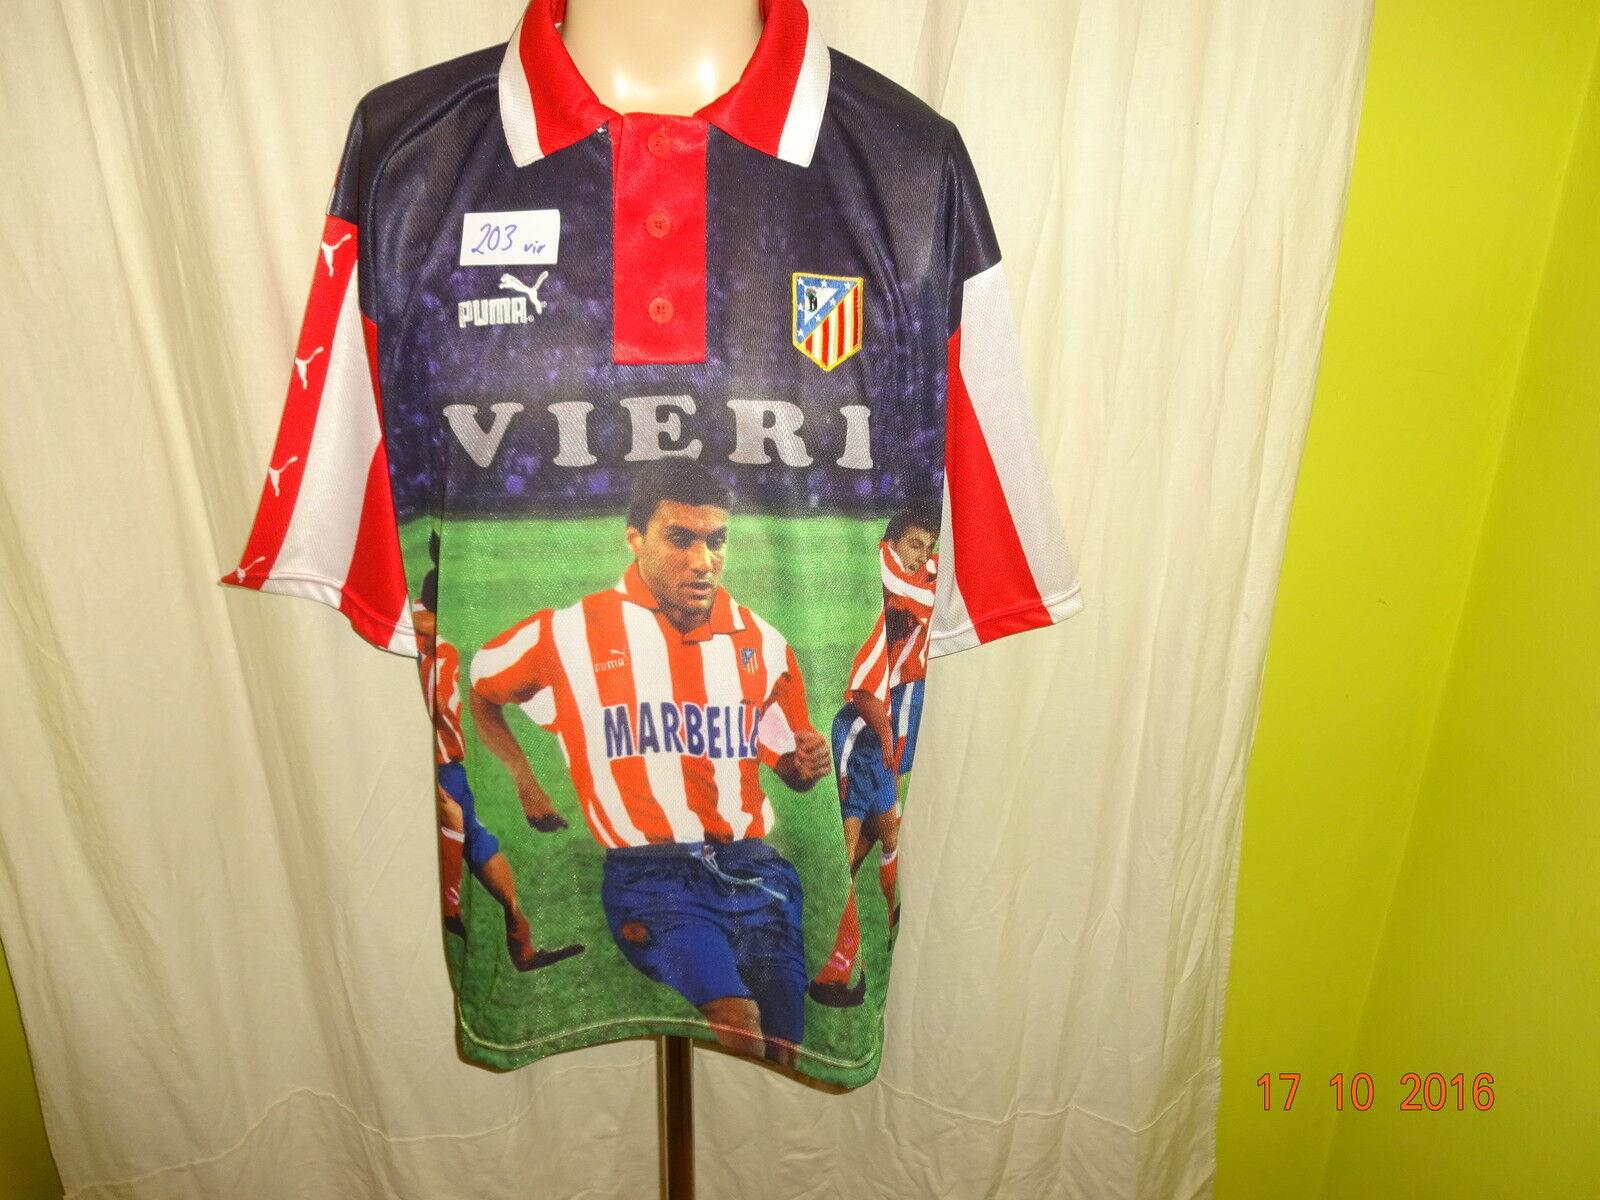 Atletico Madrid Original Puma Spieler Fan Fan Fan Trikot 1998 99 + Nr.9 Vieri Gr.XL Neu 159db3